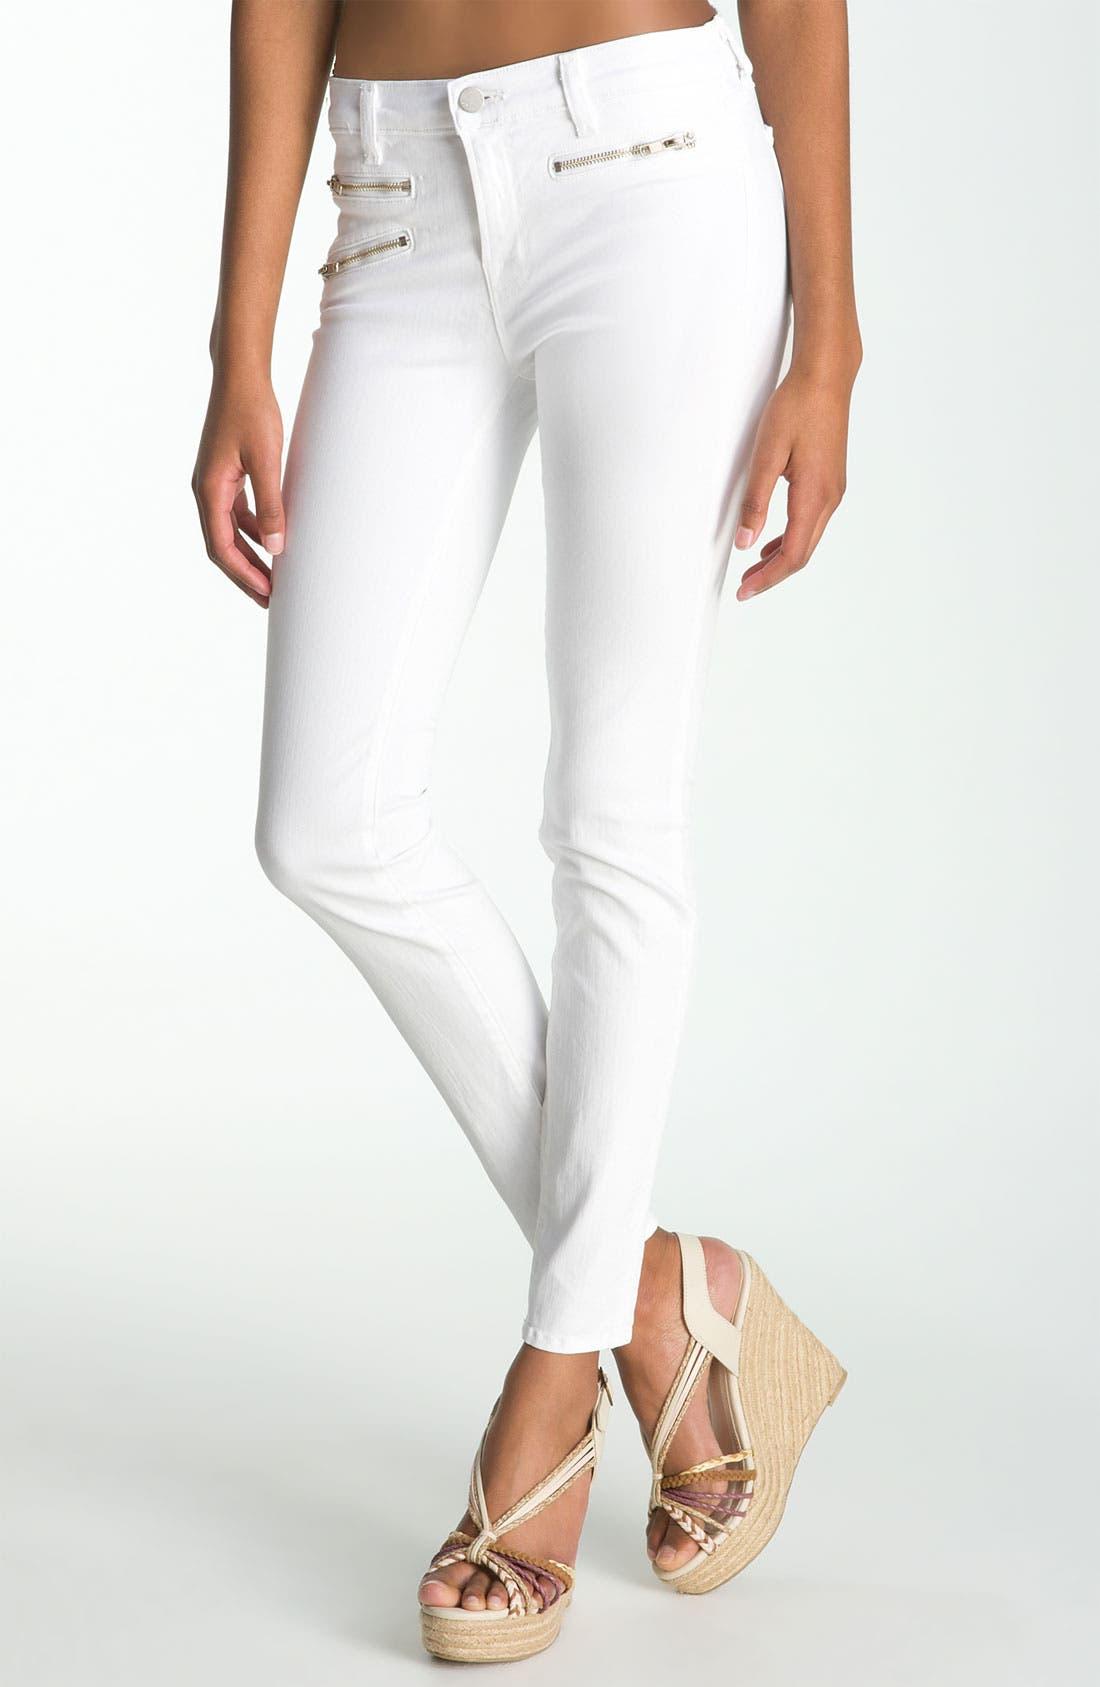 Alternate Image 1 Selected - J Brand 'Zoey' Skinny Jeans